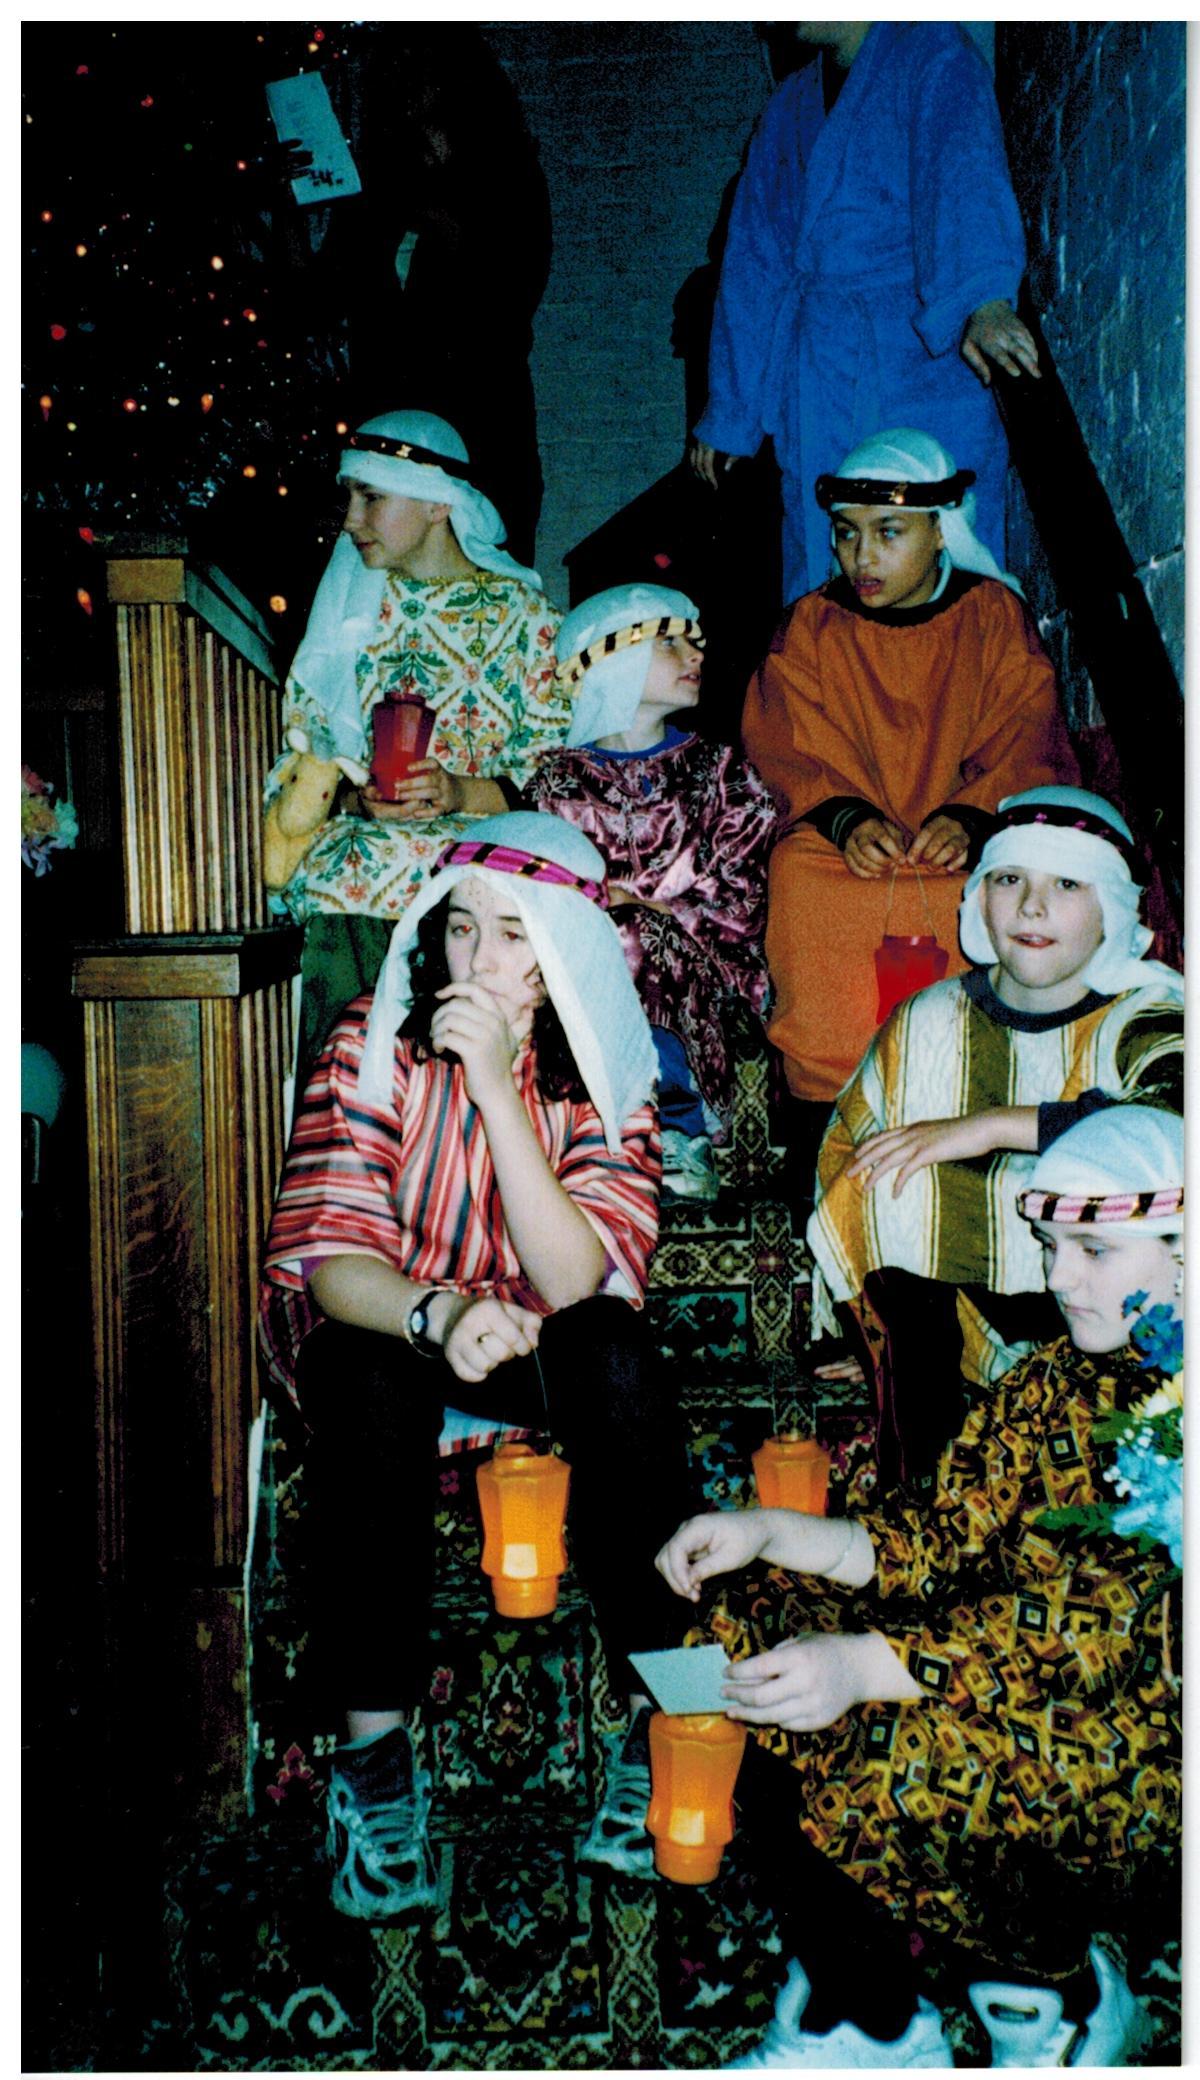 J091_Xmas-[Dec-2000]